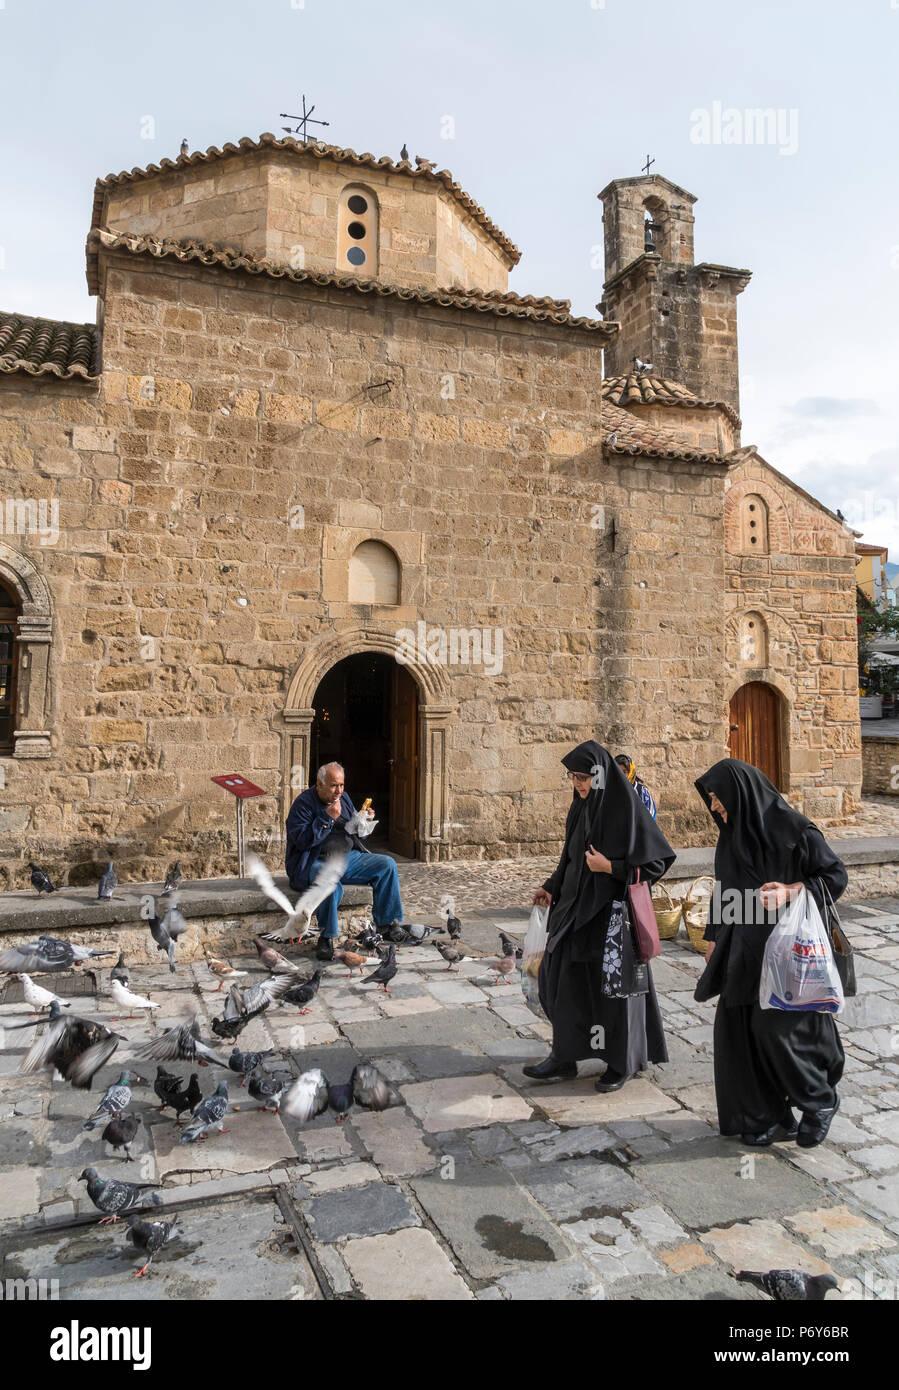 Im 13. Jahrhundert die byzantinische Kirche Agii Apostoli im alten Viertel von Kalamata. Die griechischen Unabhängigkeitskrieg wurde formell hier am 23. März erklärt Stockbild